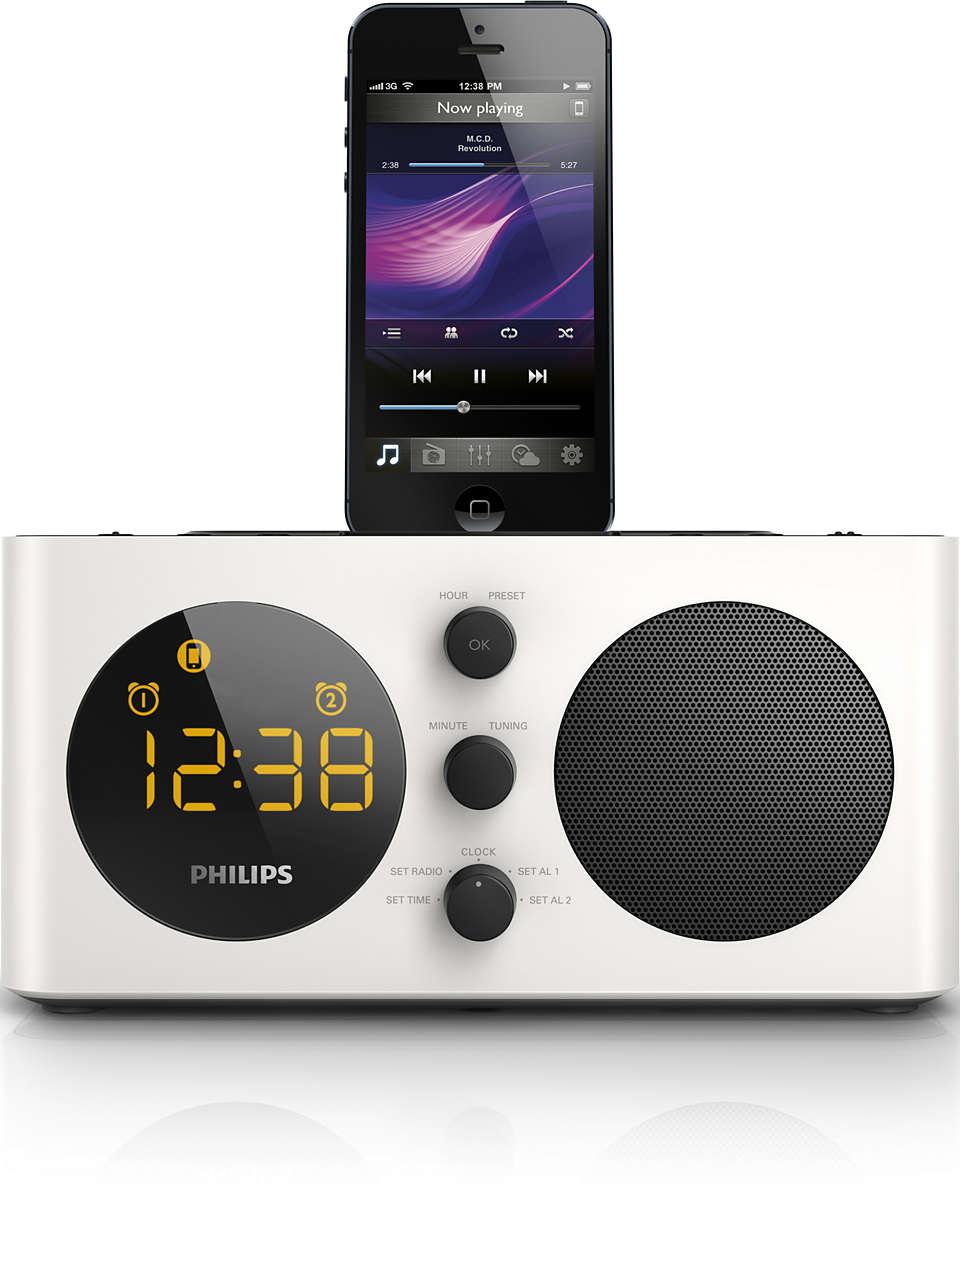 Herää upeaan iPod-/iPhone-musiikkiin